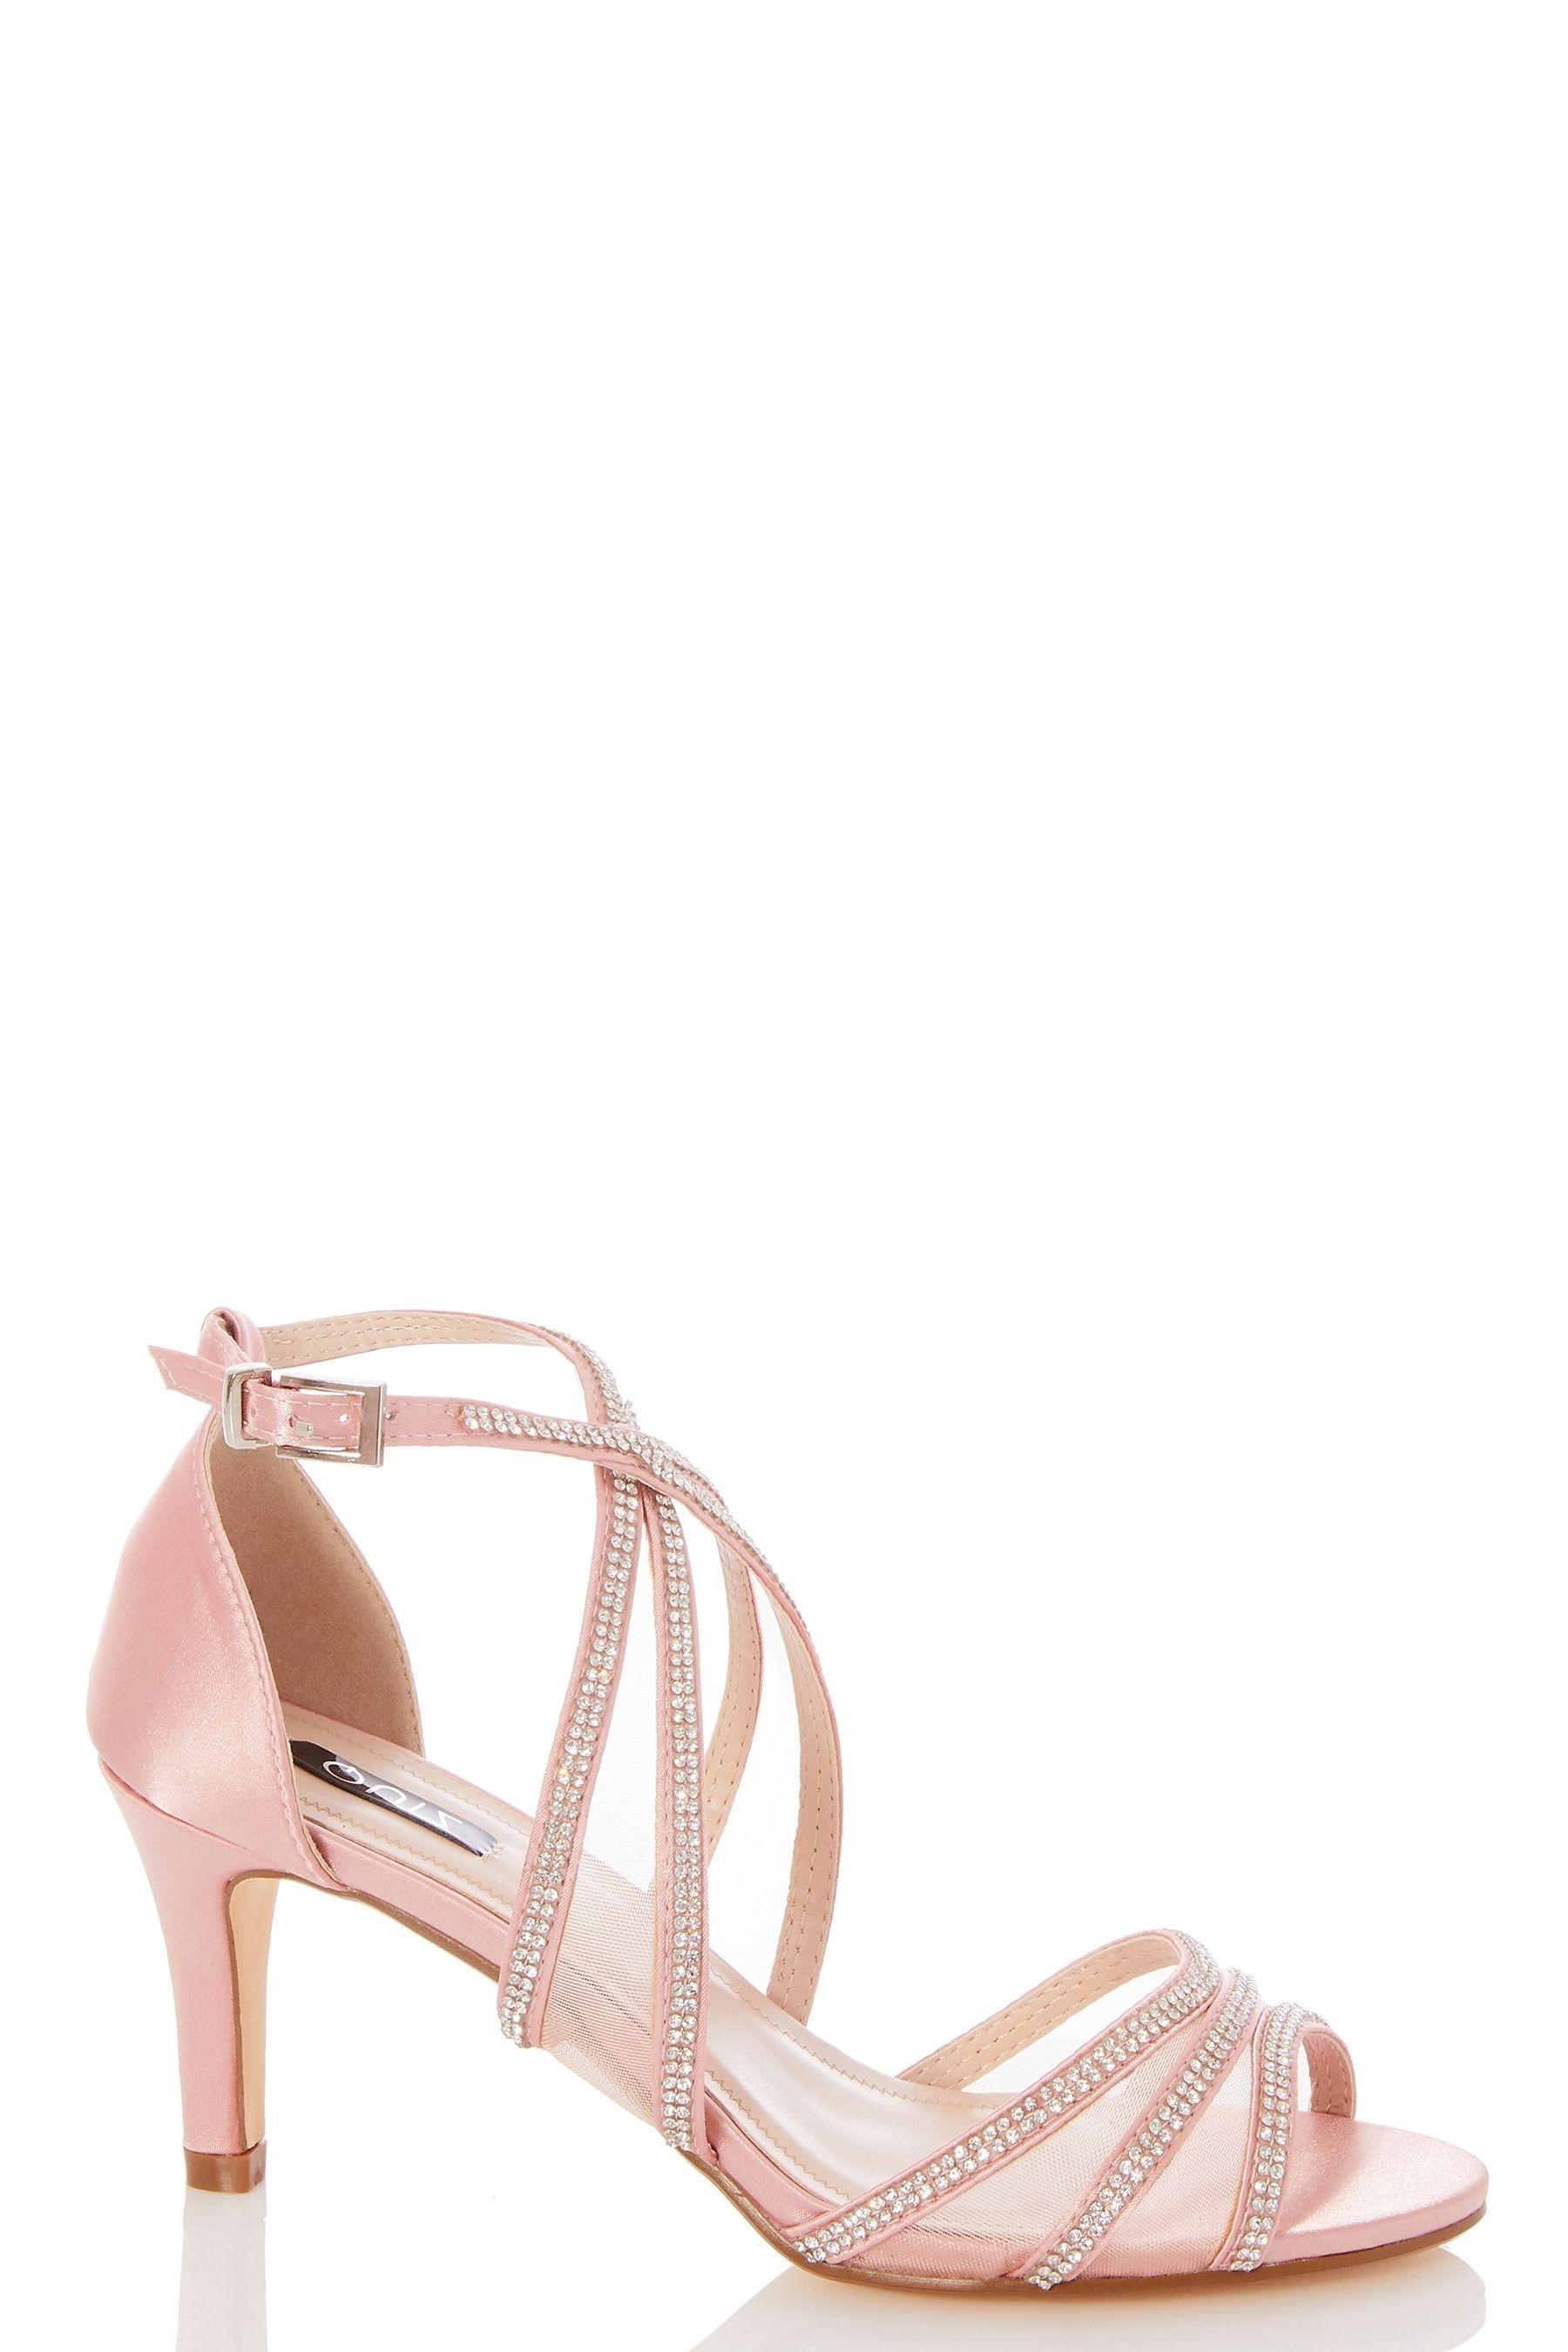 Strap heels, Mid heel sandals, Heels